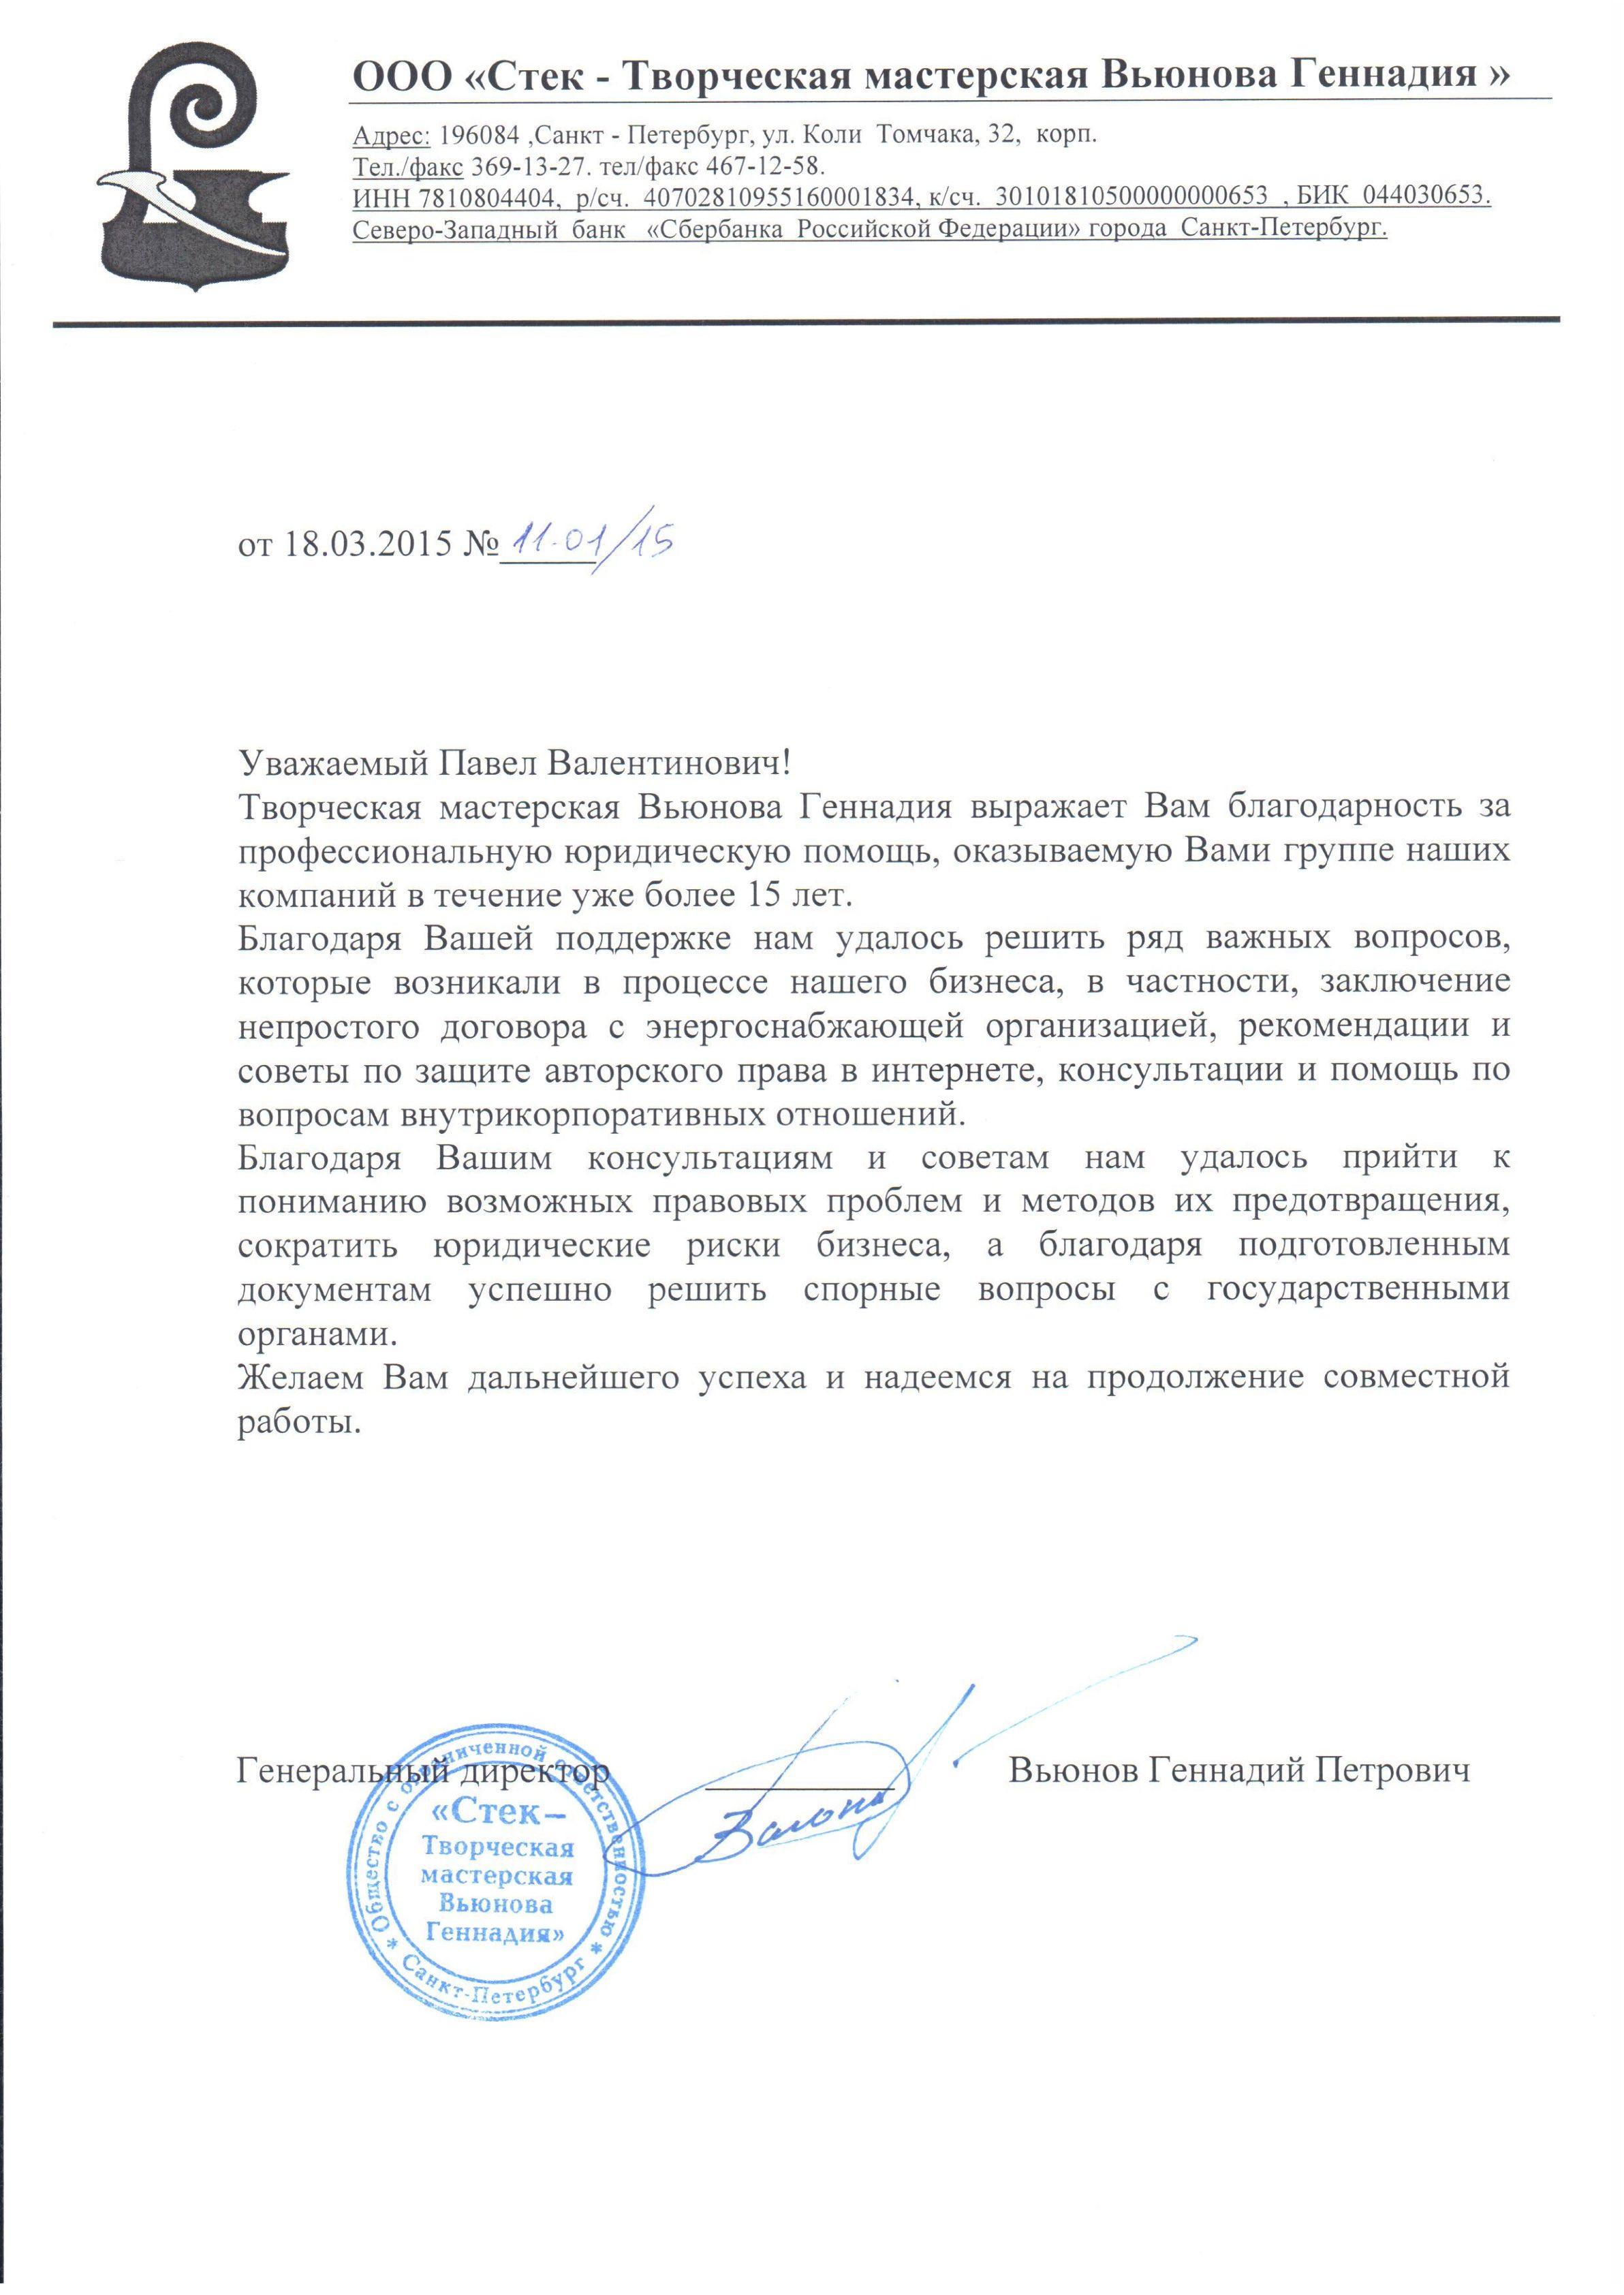 Отзыв ТМ Вьюнова